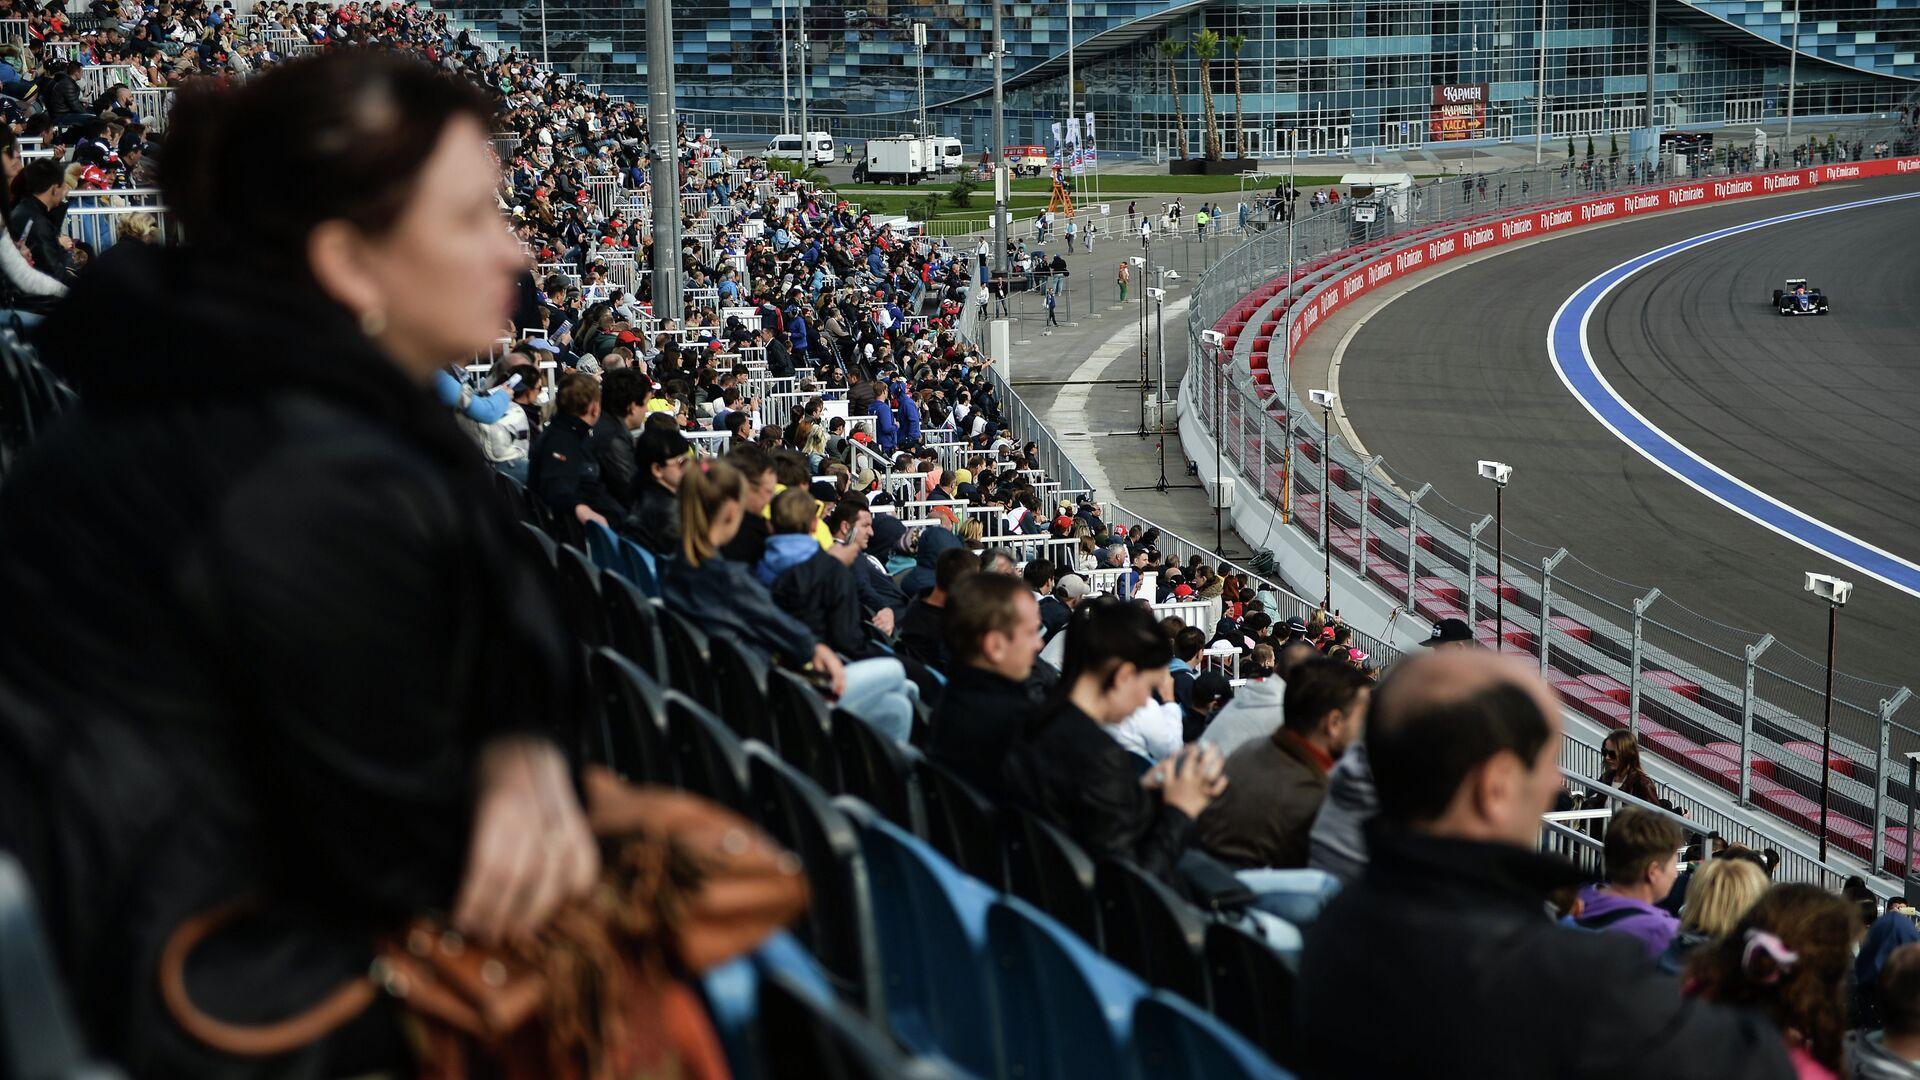 Зрители на трибунах во время Гран-при России Формулы-1 - РИА Новости, 1920, 24.06.2021